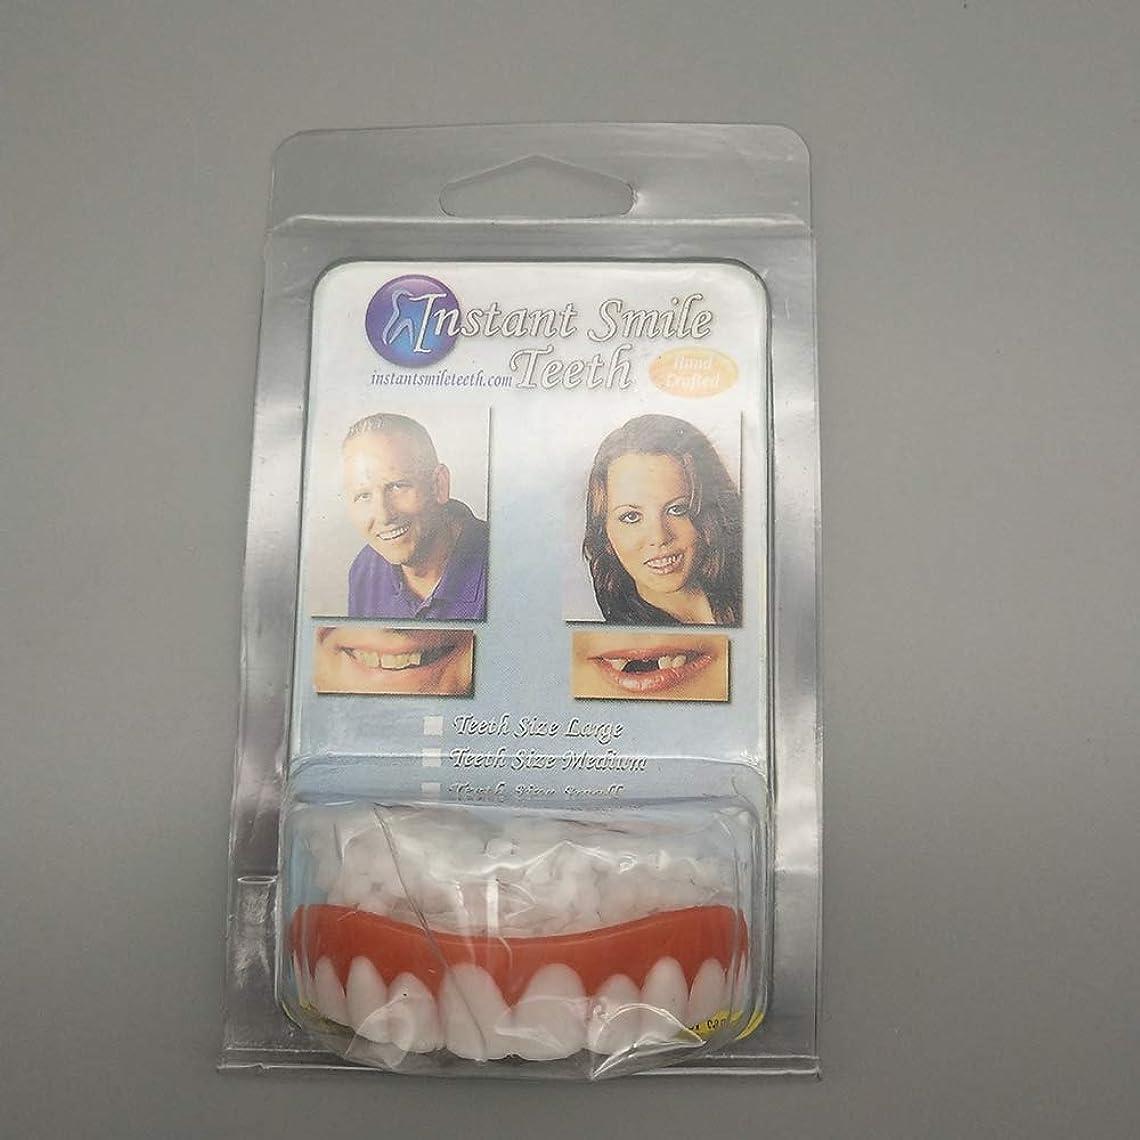 統合フレッシュ社会科シリコーンシミュレーション歯ブレース、ホワイトニング義歯,Lower,OPP